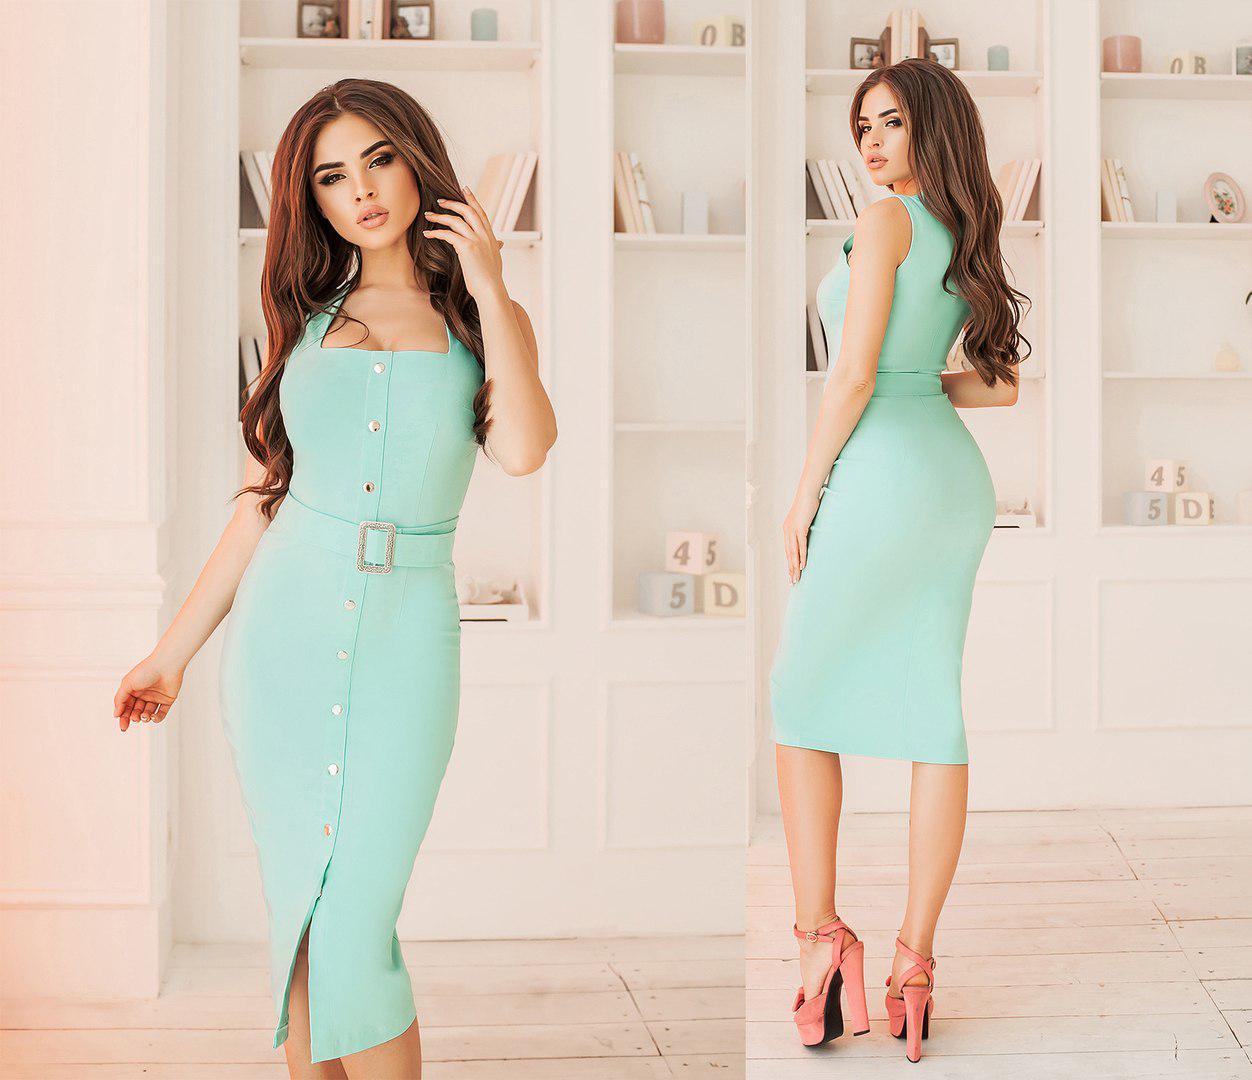 Платье-сарафан приталенное, пояс в комплекте, четыре цвета, размеры 42-44,44-46,46-48 код 6005Т